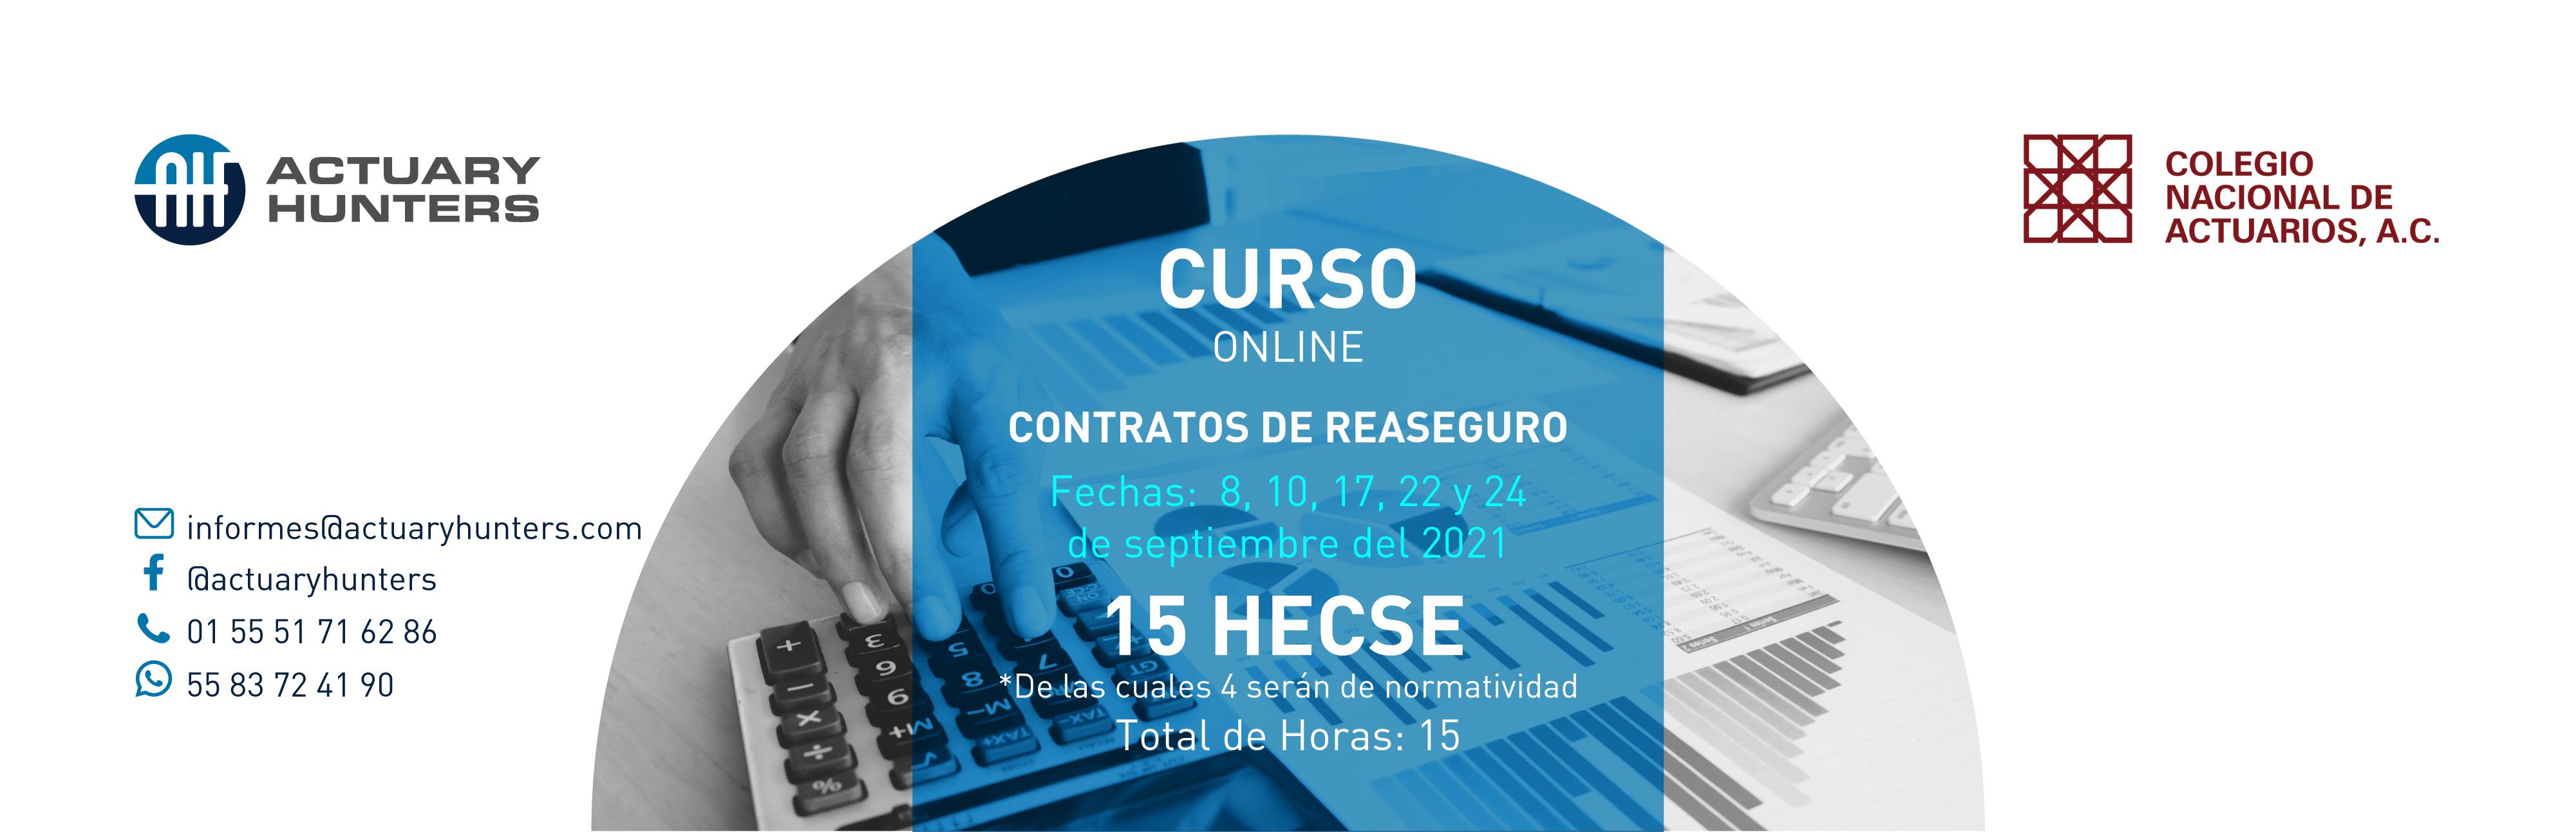 web_contratosR_8SEP21CONAC